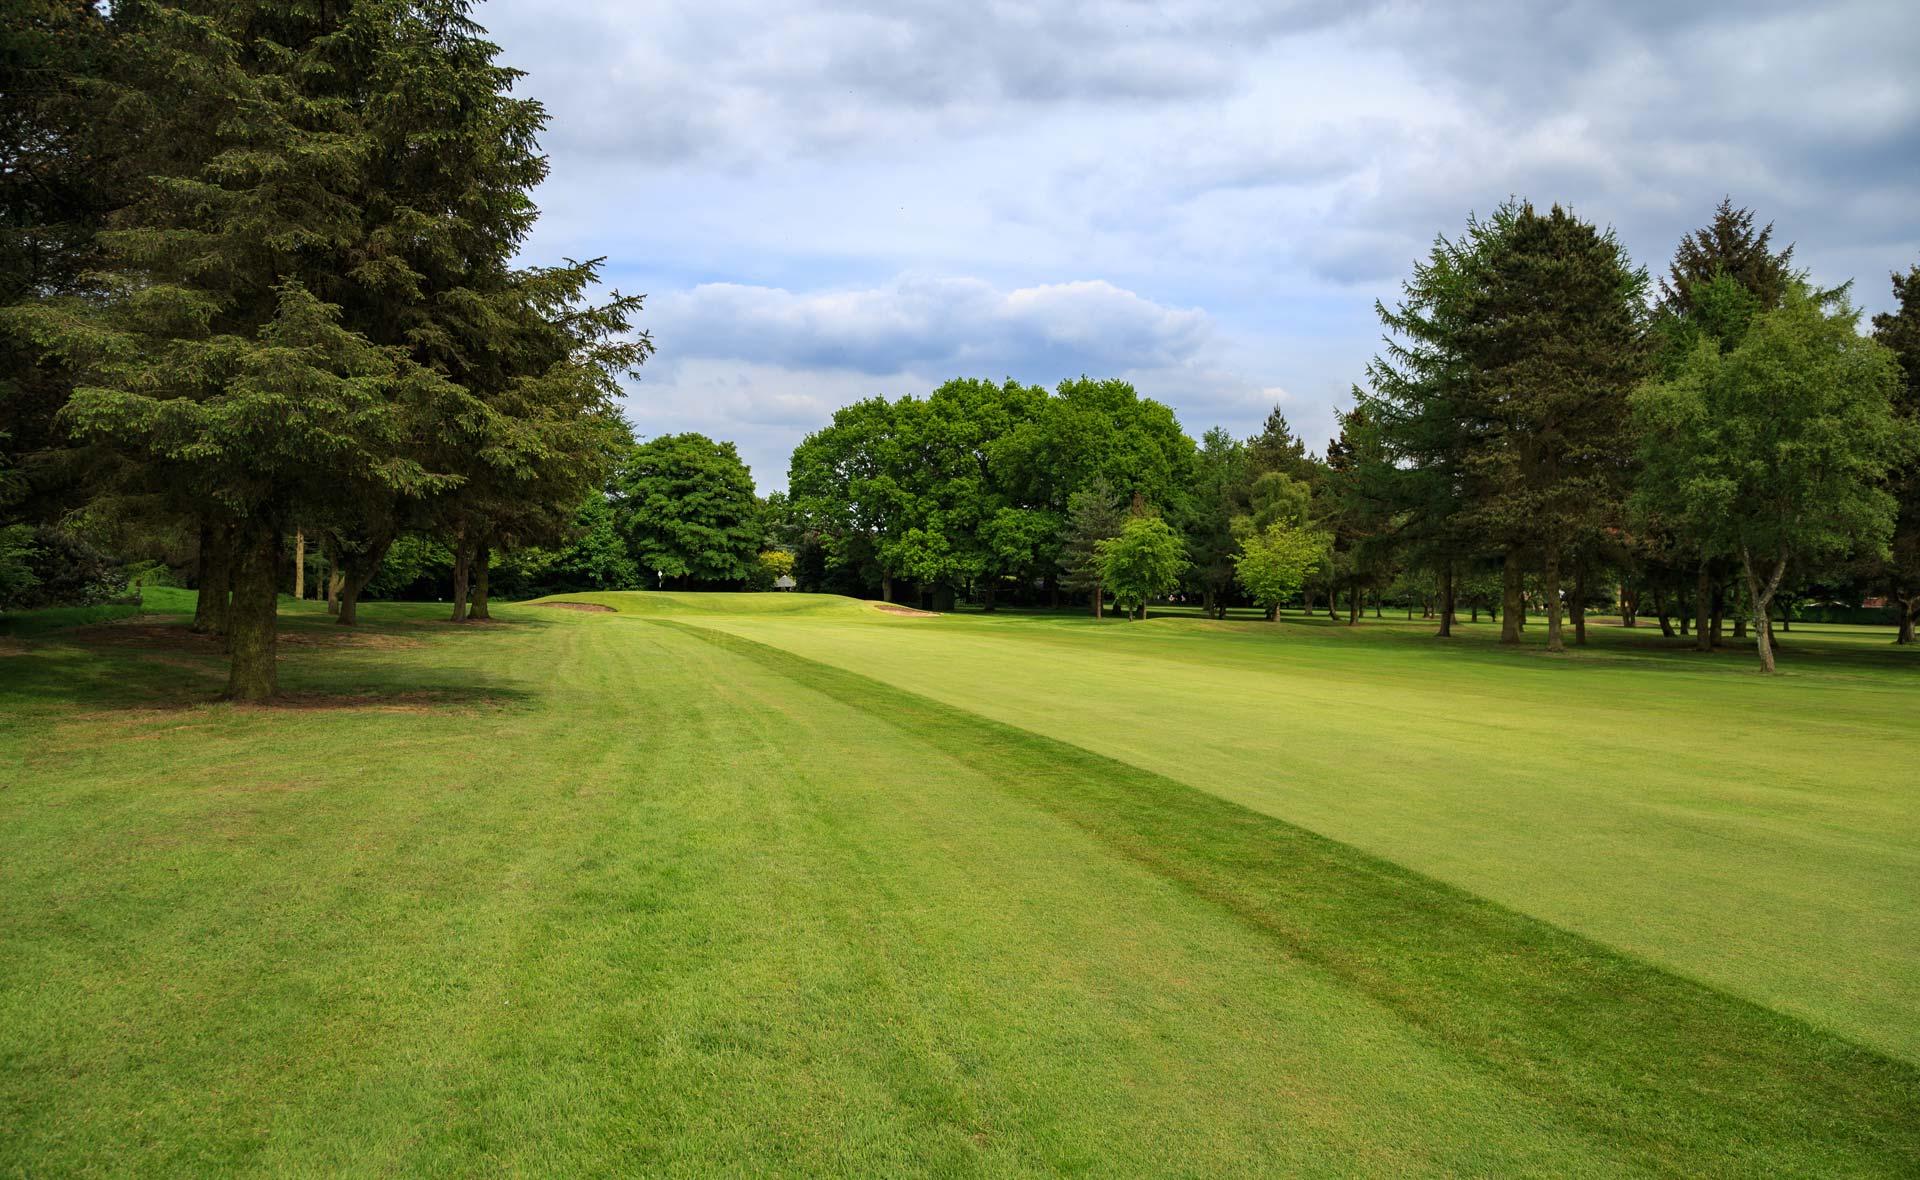 south staffordshire golf club hole 13